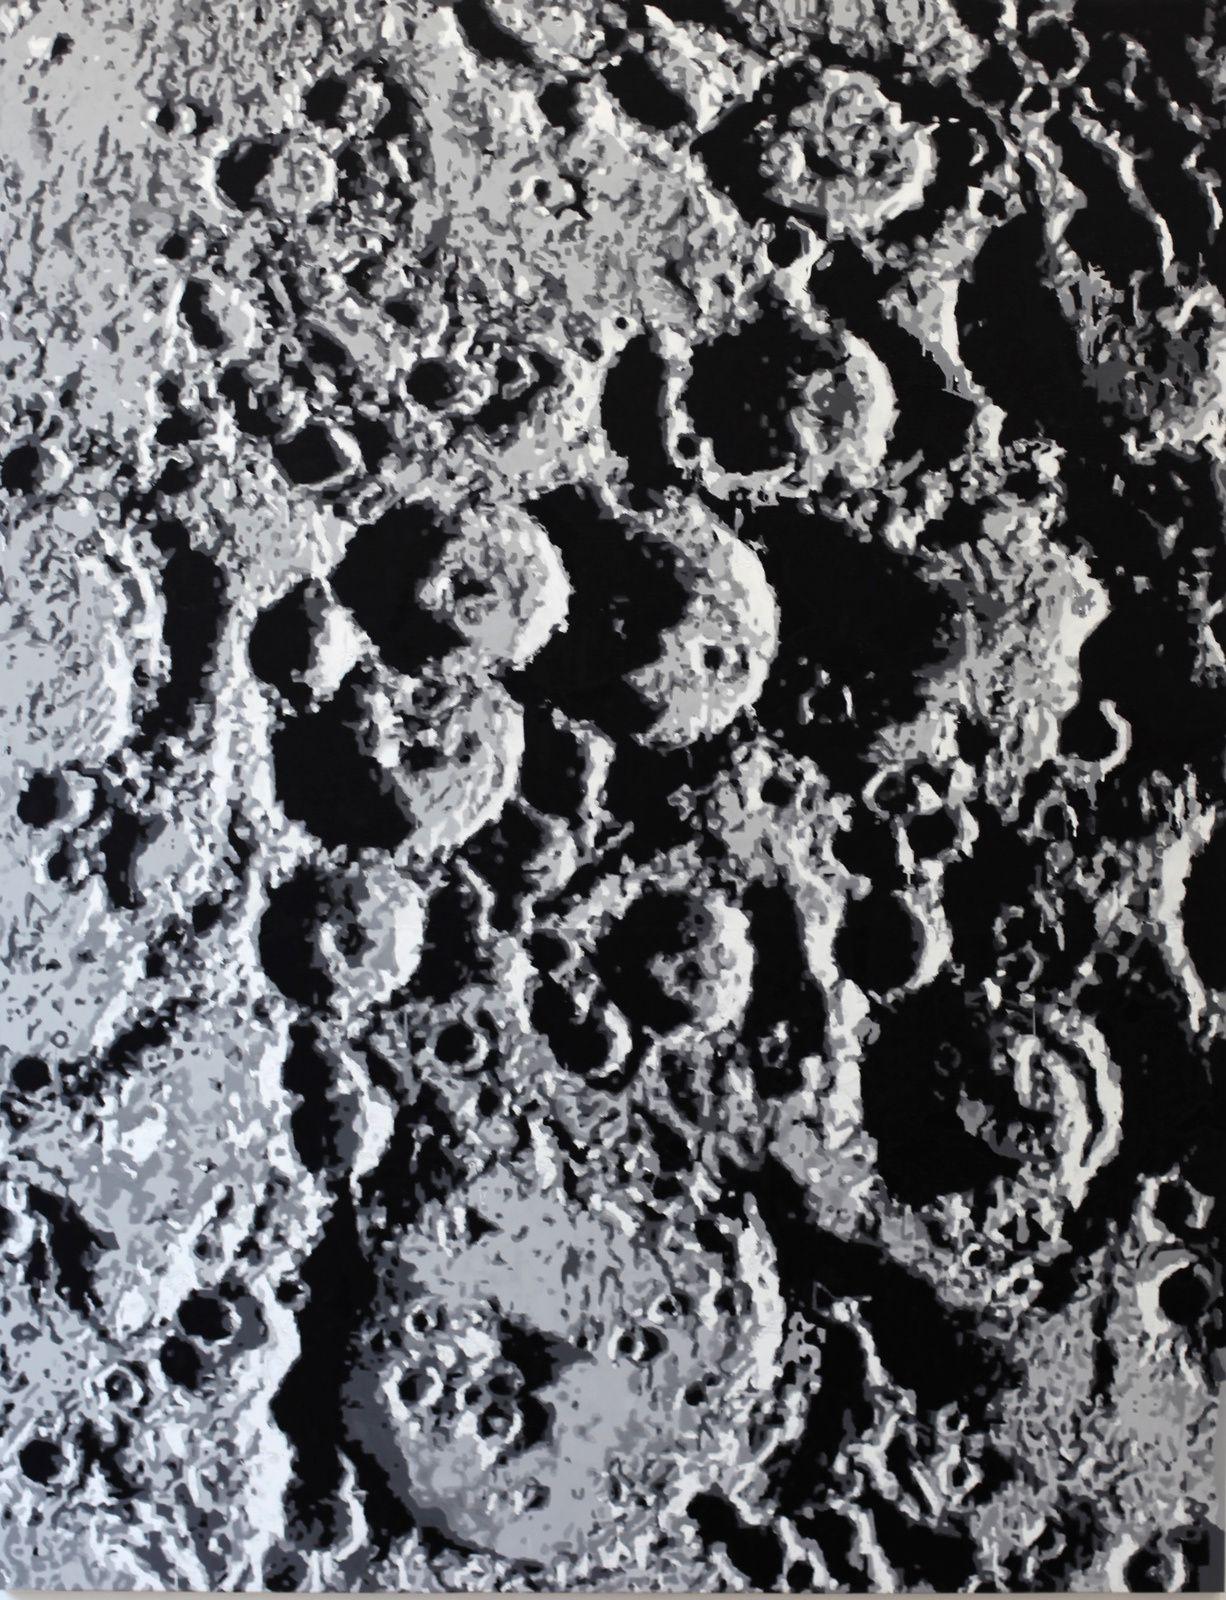 """""""Overlopping Craters (After James Nasmyth 1885)"""", 2018 de David MALEK est né en 1977 à Springfield Illinois USA. - Courtesy Galerie Laurent Strouk  © Photo Éric Simon"""